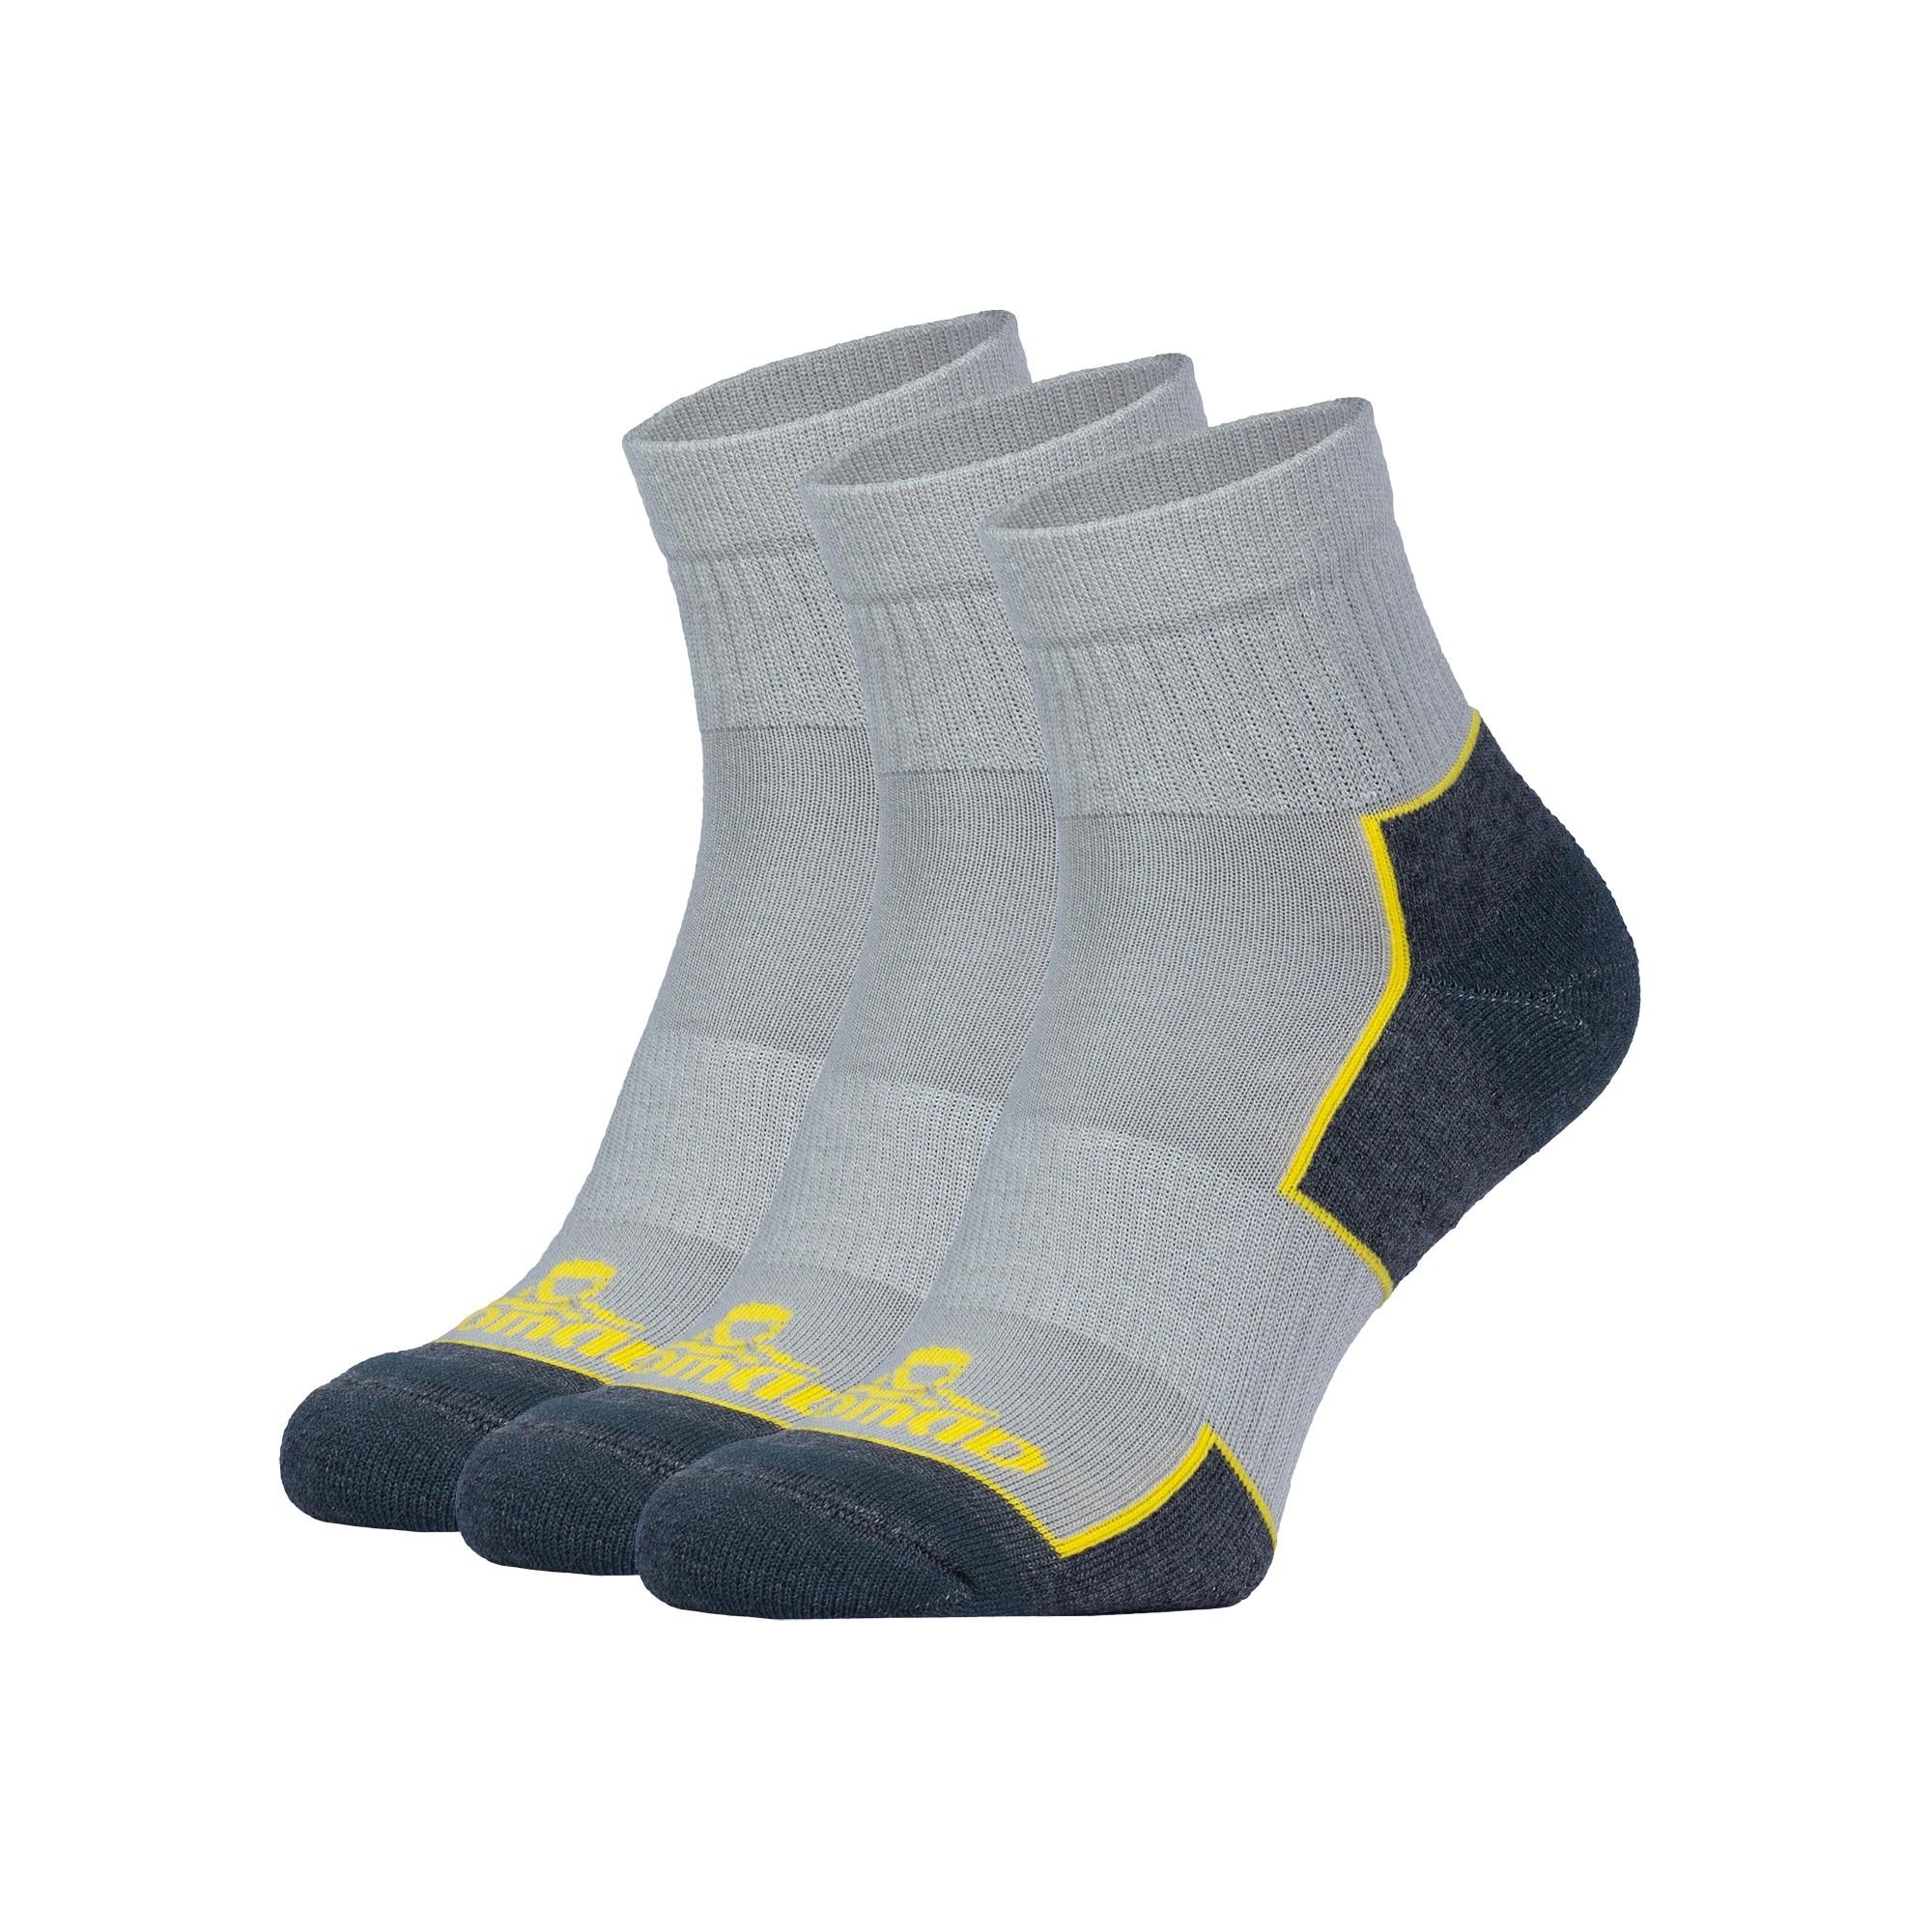 Nomad 3-pack quarter walking sock